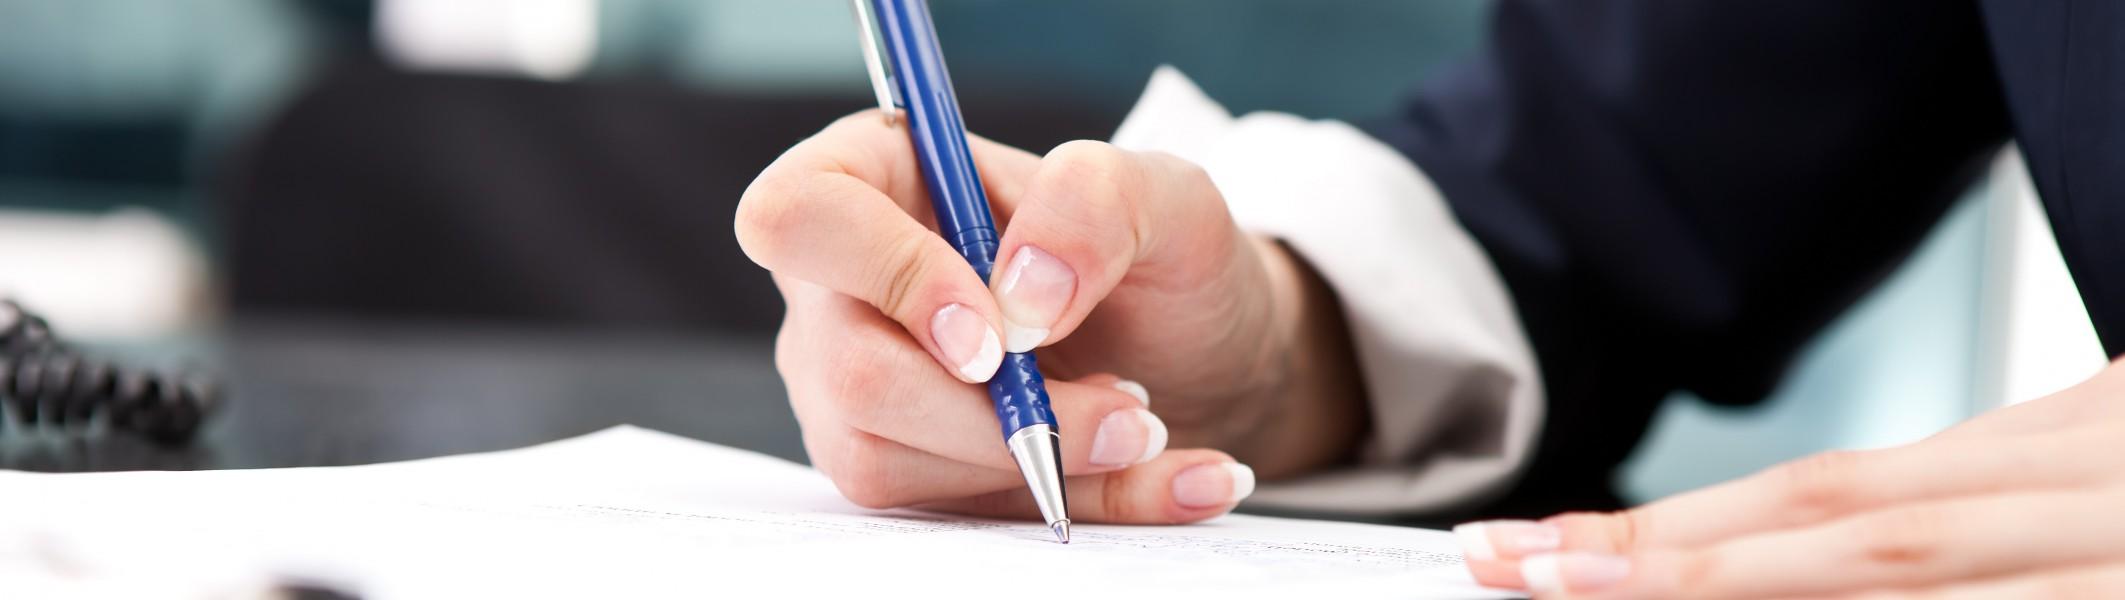 Банки отказываются отвечать за кражи денег по поддельным подписям